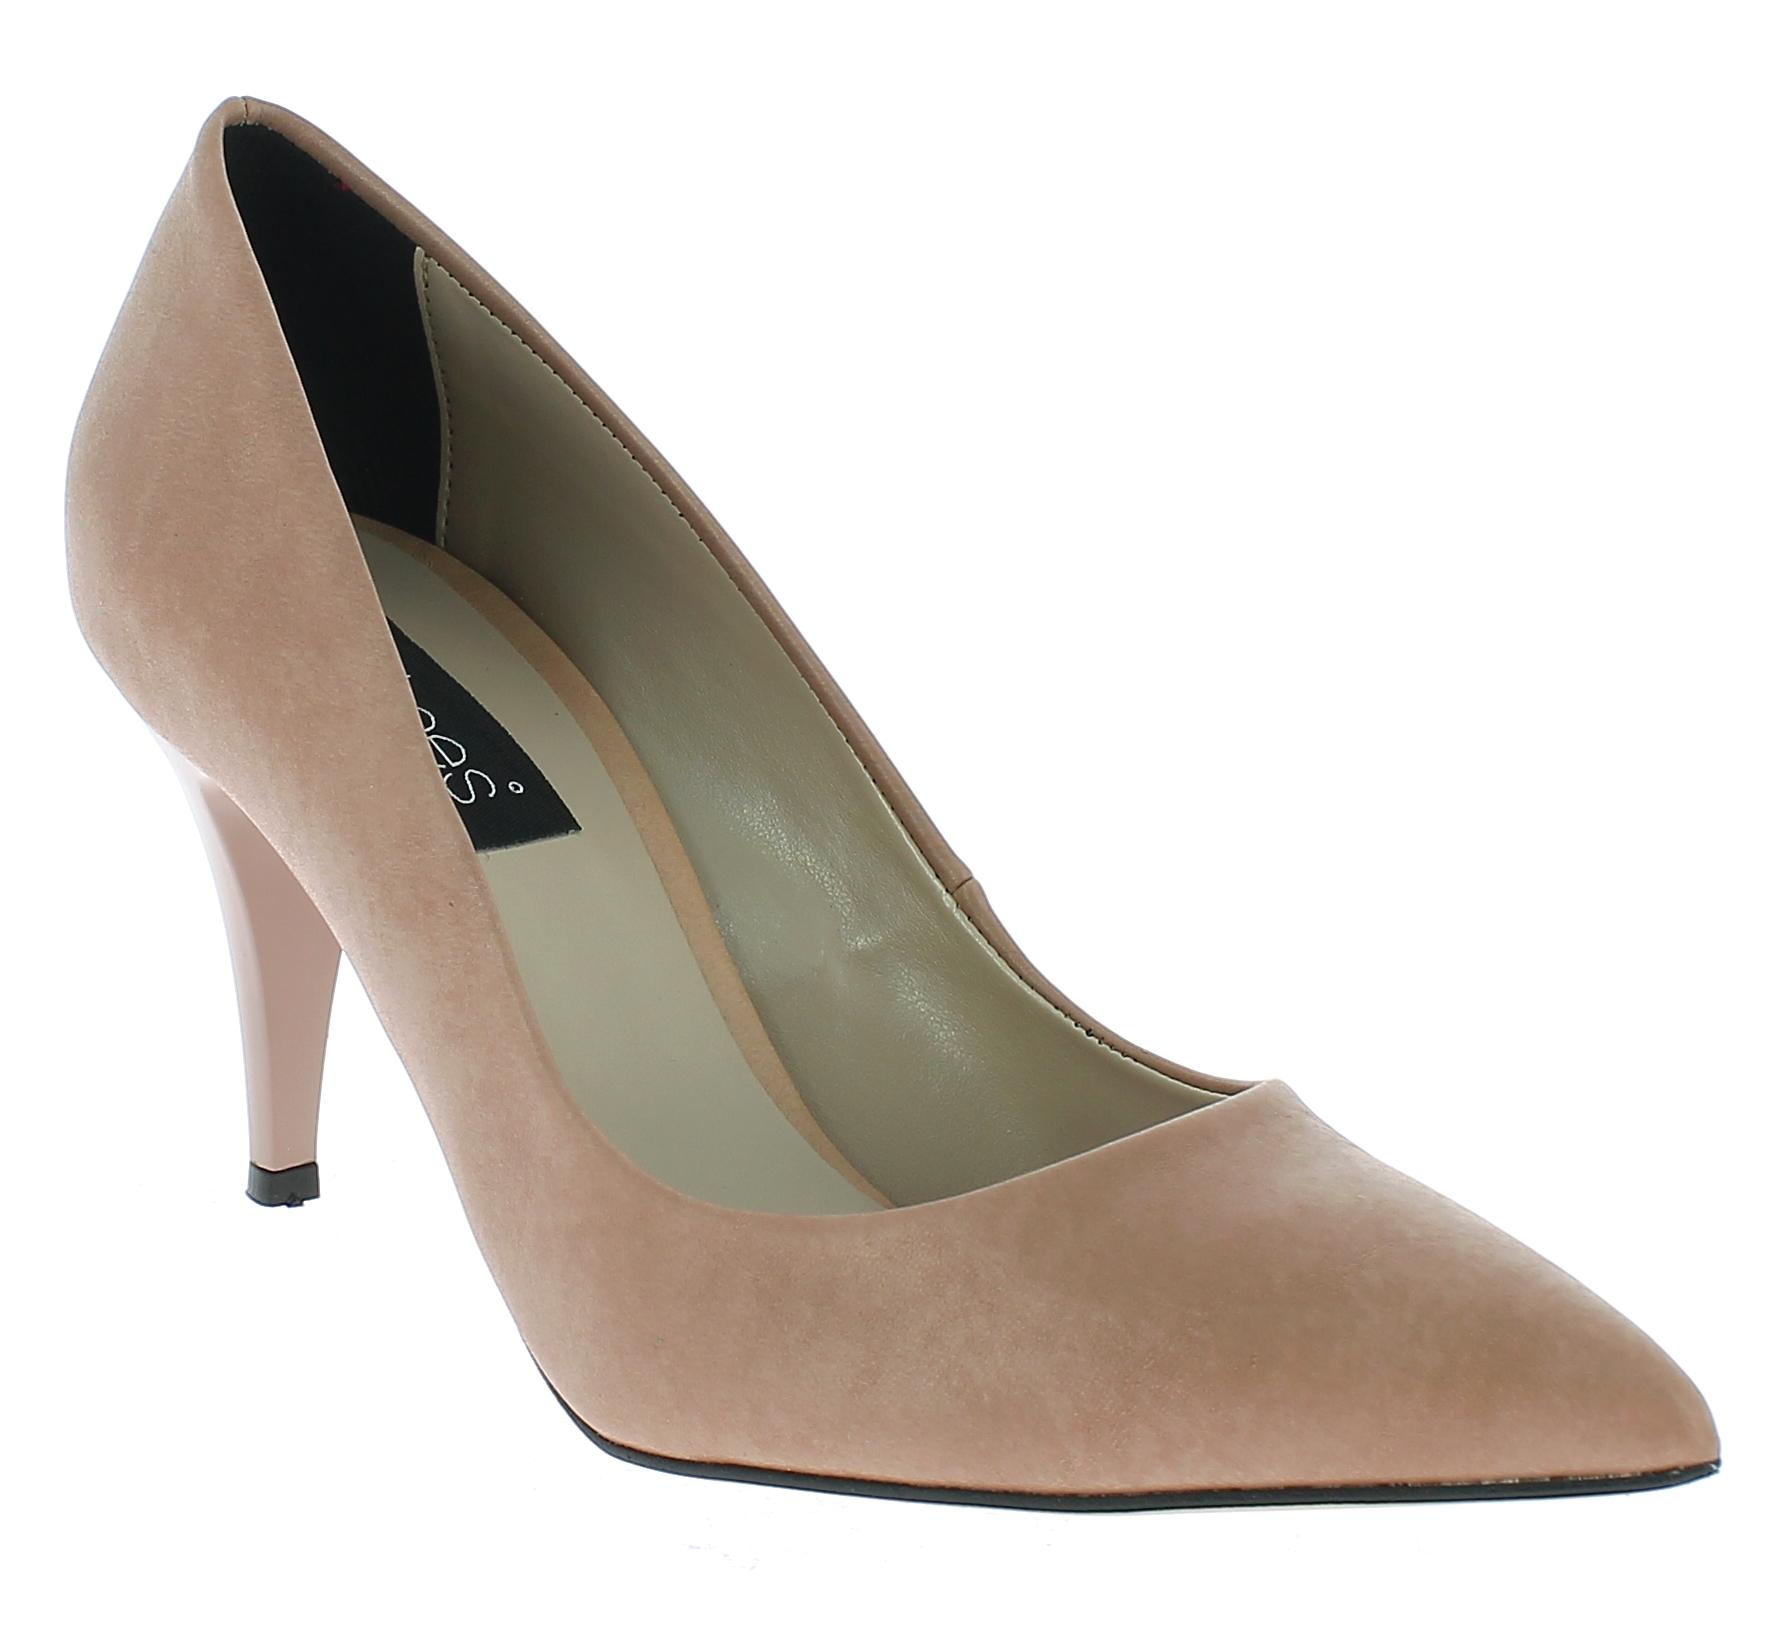 IQSHOES Γυναικεία γόβα 70 Μπέζ - IqShoes - 58.70 BEIGE-beige-37/1/7/27 παπούτσια  γόβες